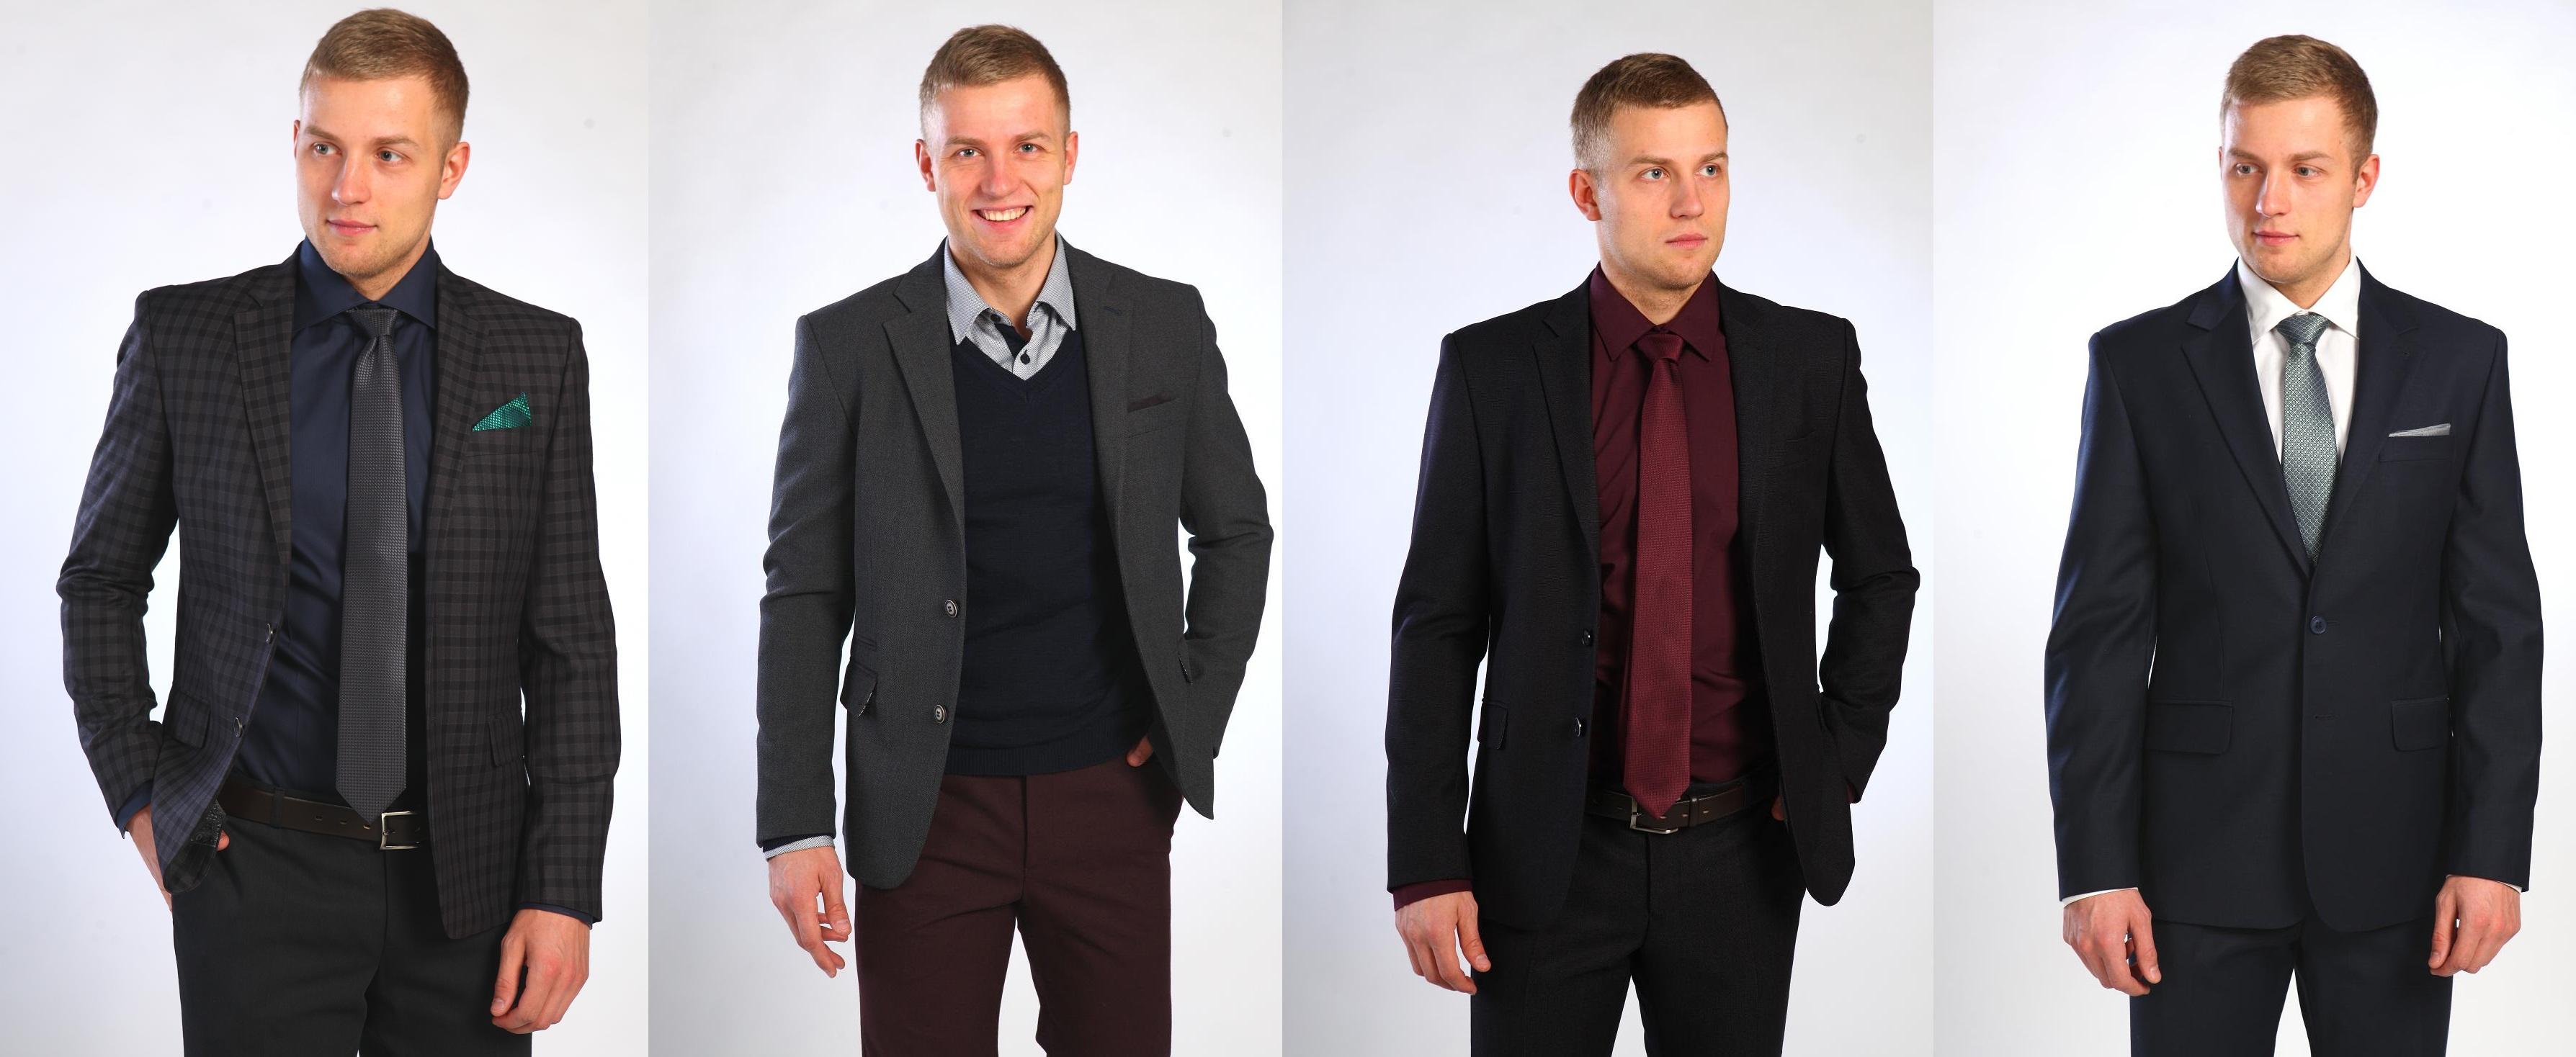 Одежда для настоящих мужчин - 26. Готовимся к самому мужскому празднику - выбираем подарки и наряжаем наших мужчин. От 44 до 76 размера. Есть распродажа! Без рядов!